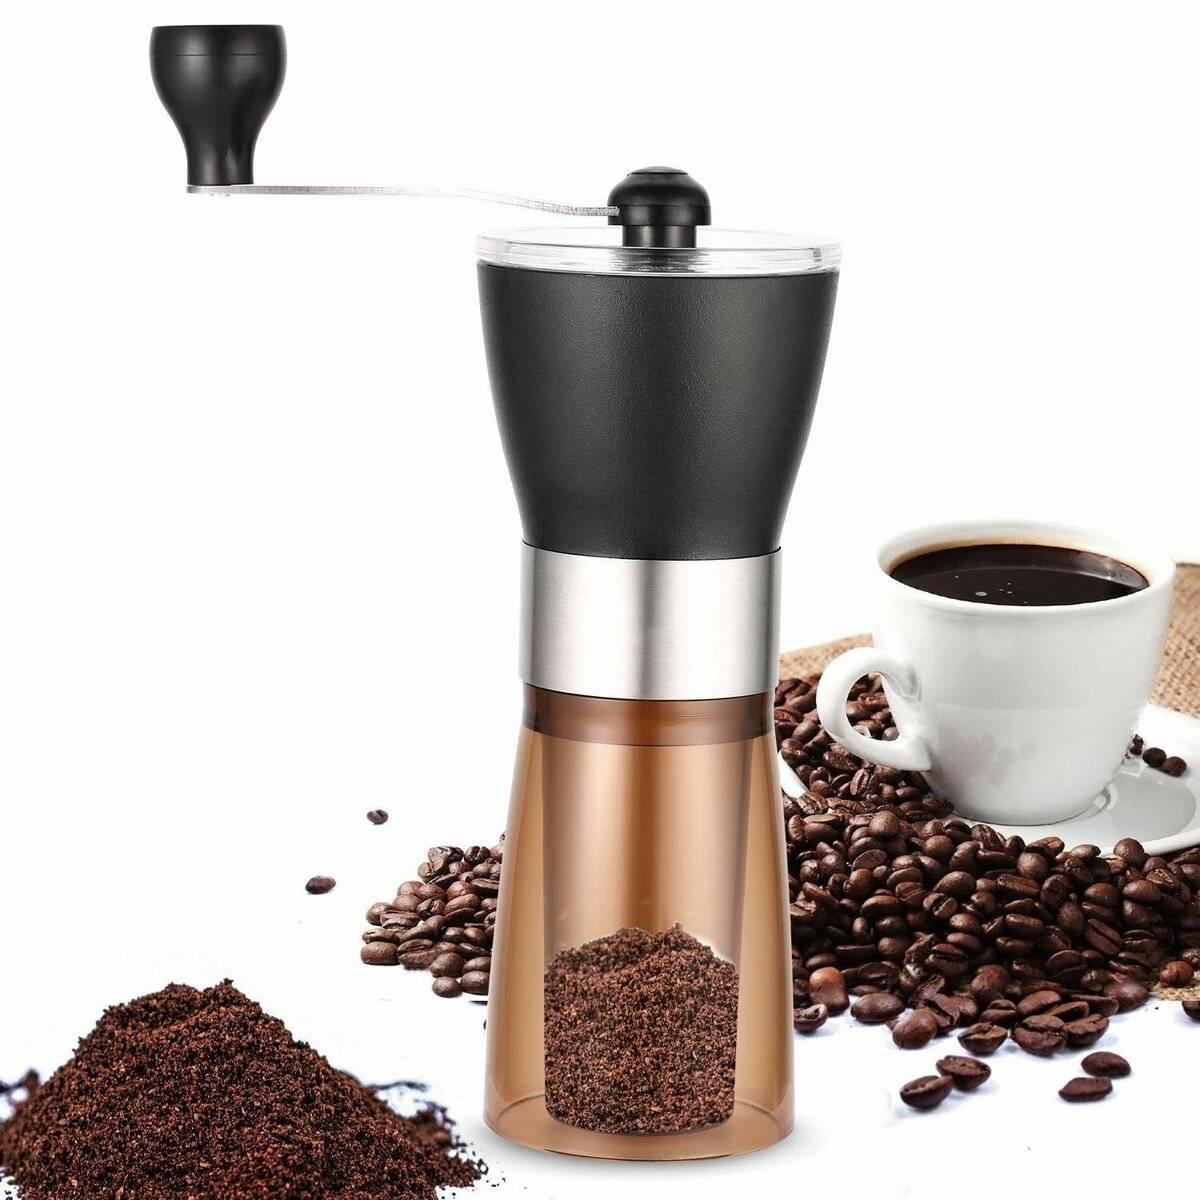 Мельница для кофе: как выбрать ручную или механическую кофемолку